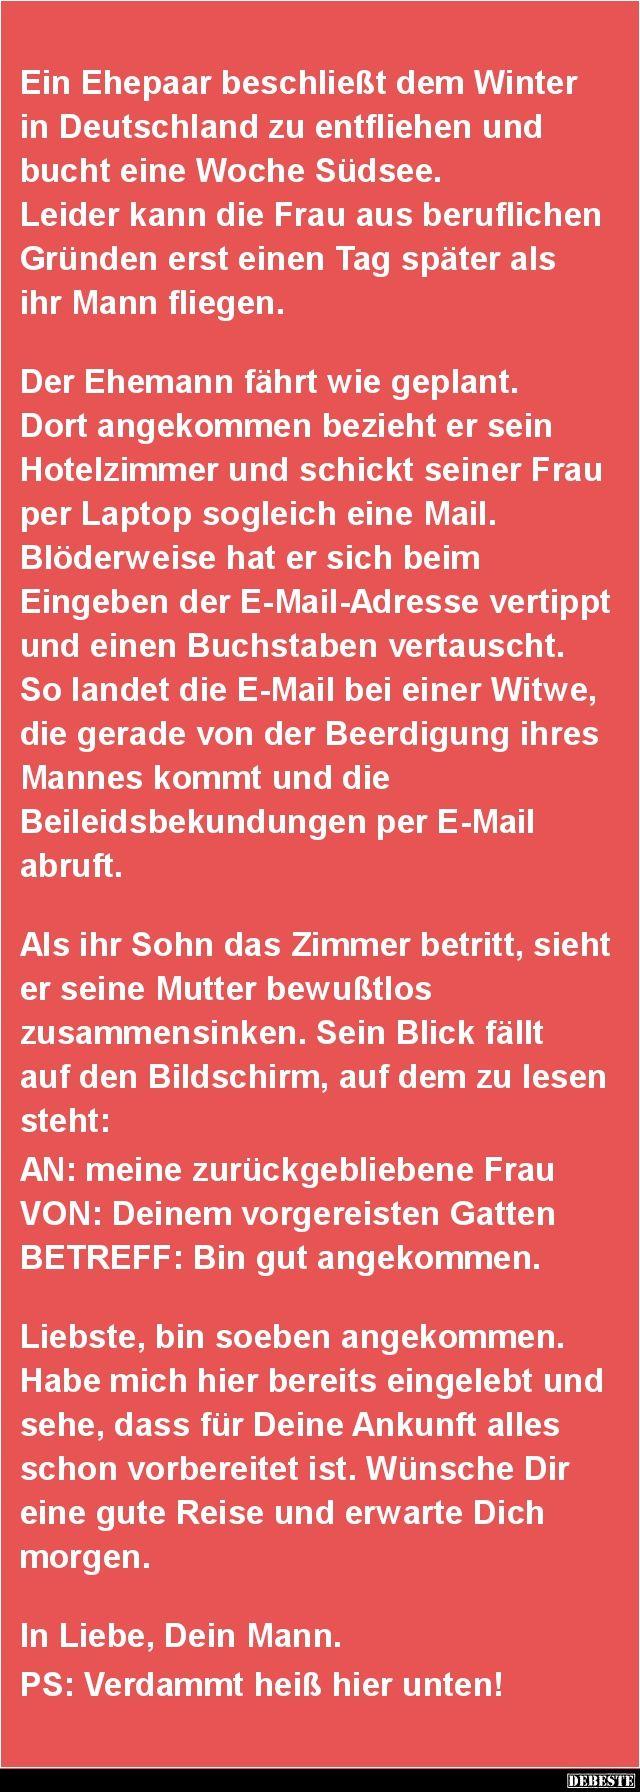 Ein Ehepaar beschließt dem Winter in Deutschland.. | DEBESTE.de, Lustige Bilder, Sprüche, Witze und Videos